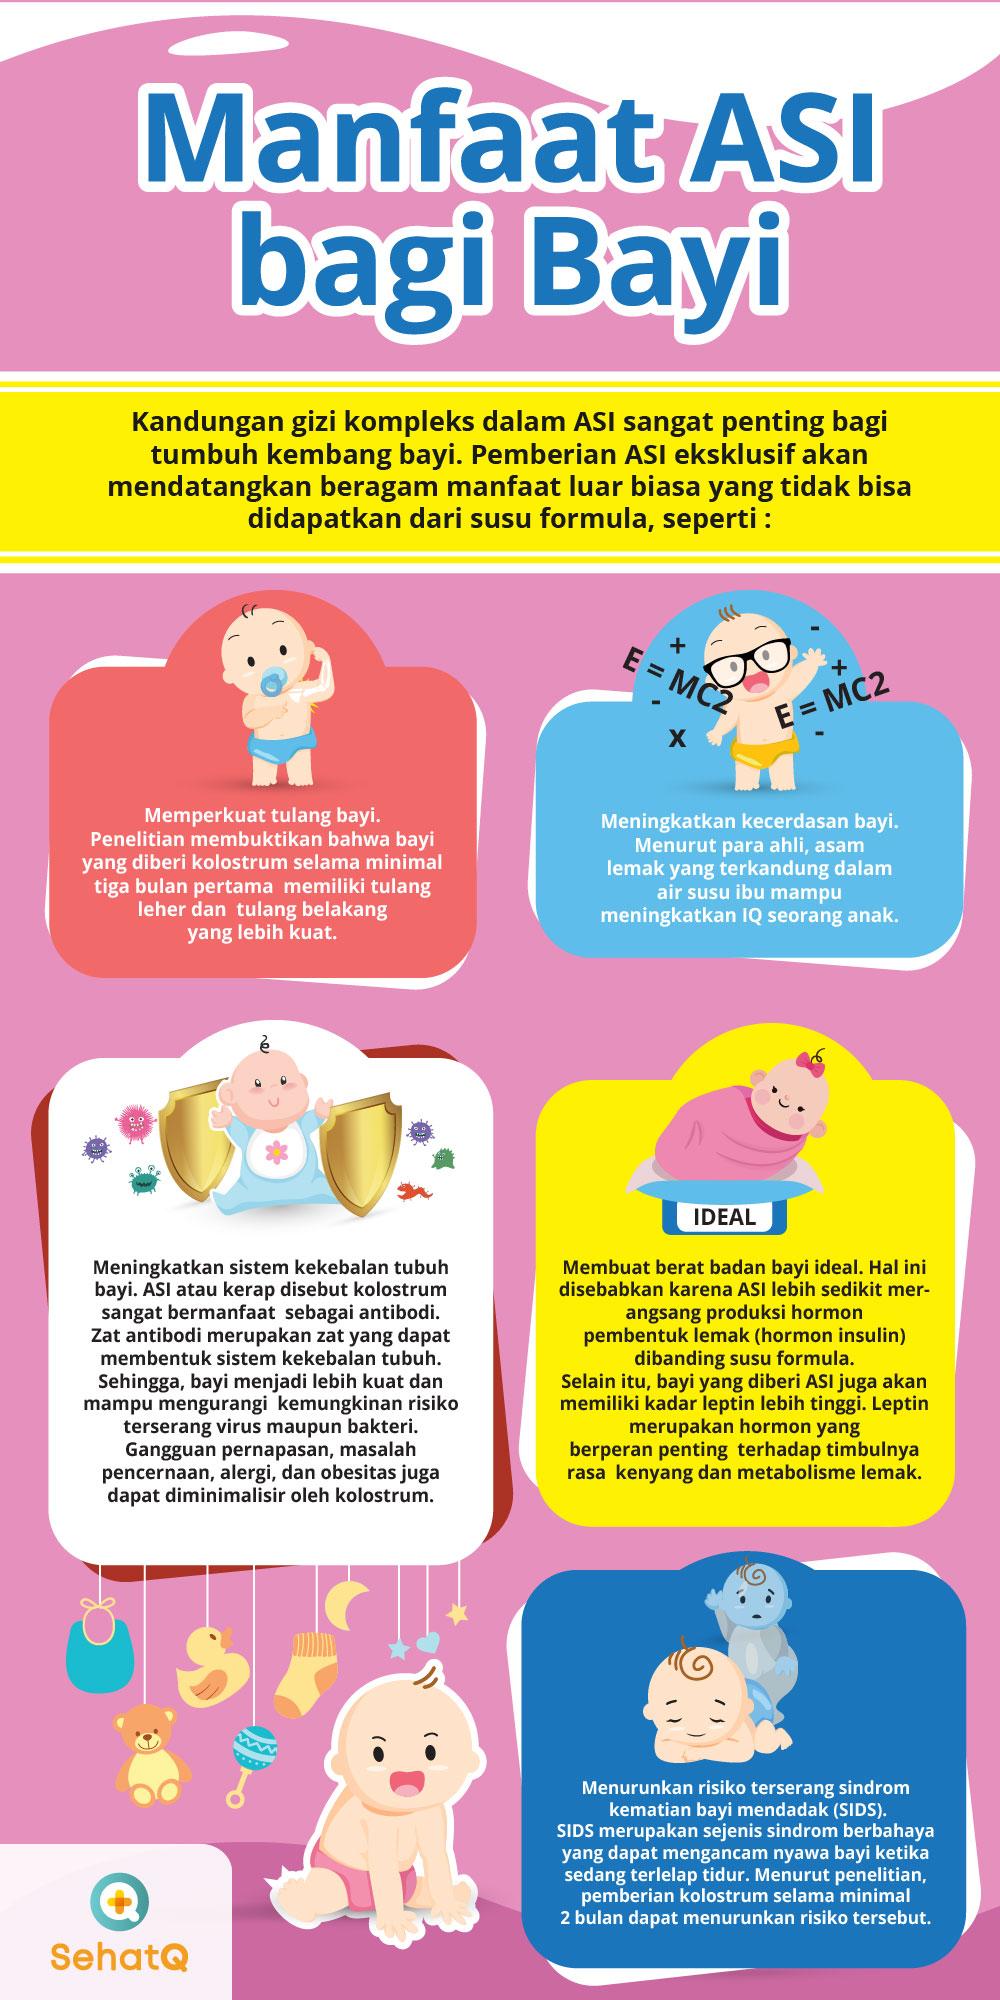 223 Beragam Manfaat ASI bagi Ibu dan Bayi infografis - Manfaat ASI, Cegah Stunting hingga Tangkal Corona pada Bayi